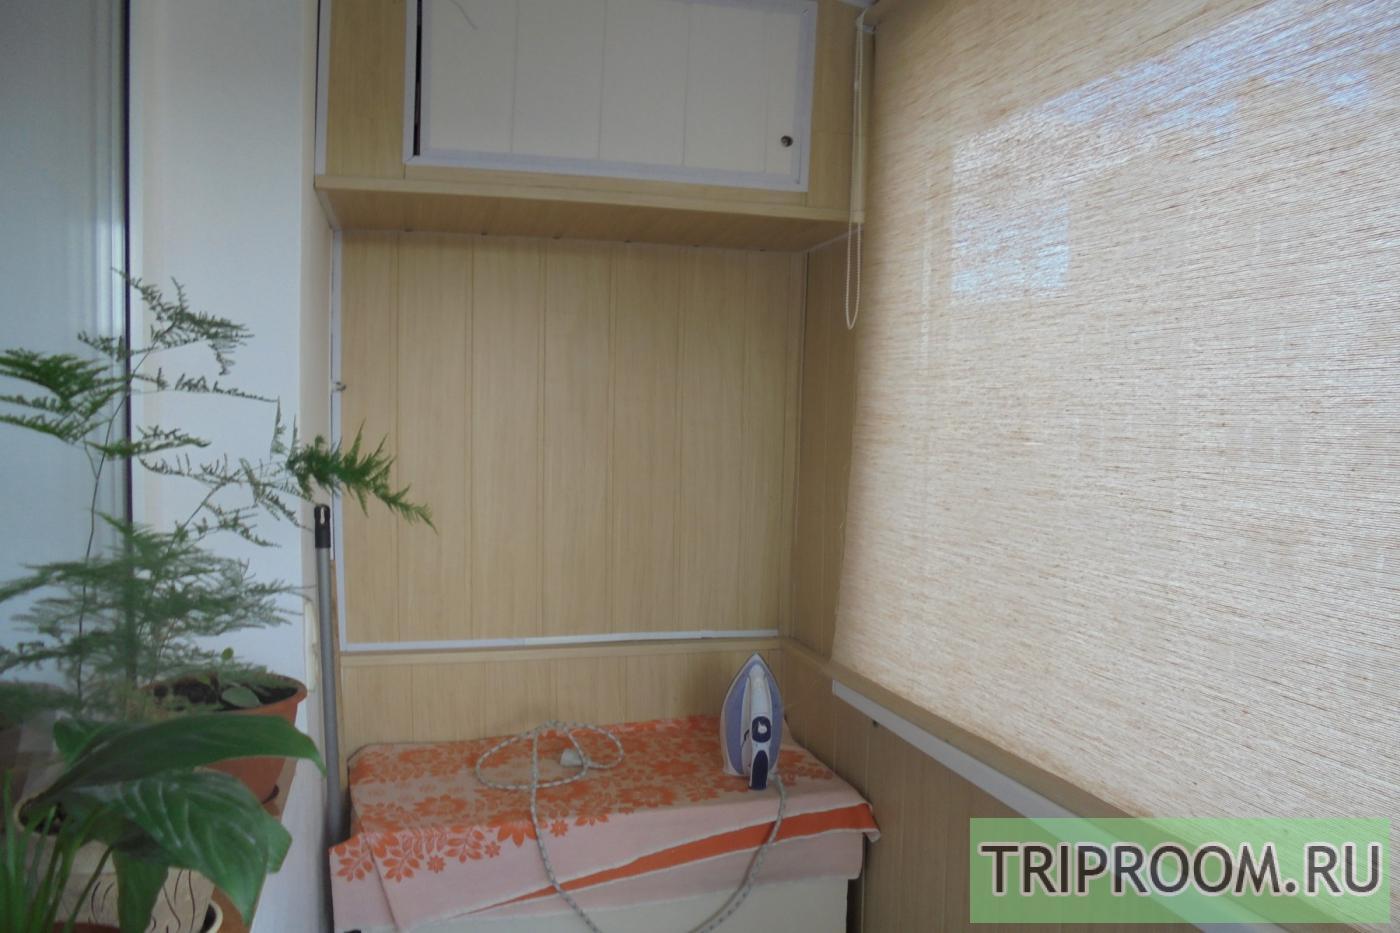 2-комнатная квартира посуточно (вариант № 18335), ул. Ефремова улица, фото № 8